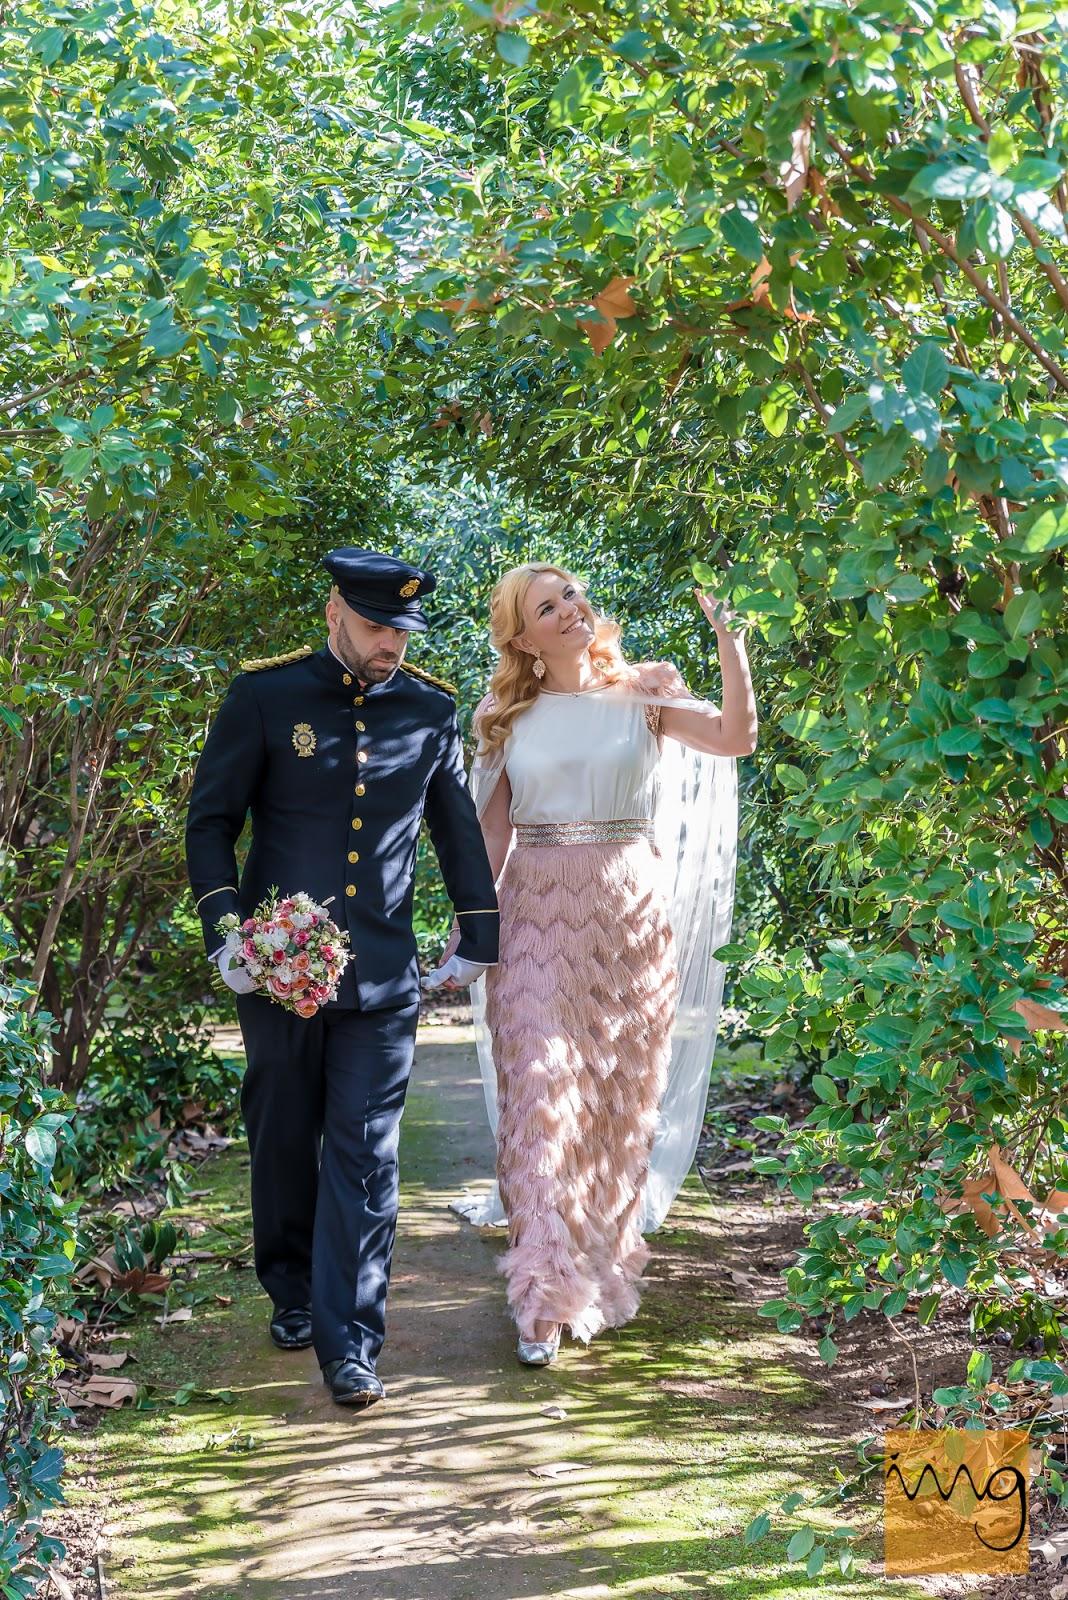 Fotografía de boda. Recién casados paseando por los jardines